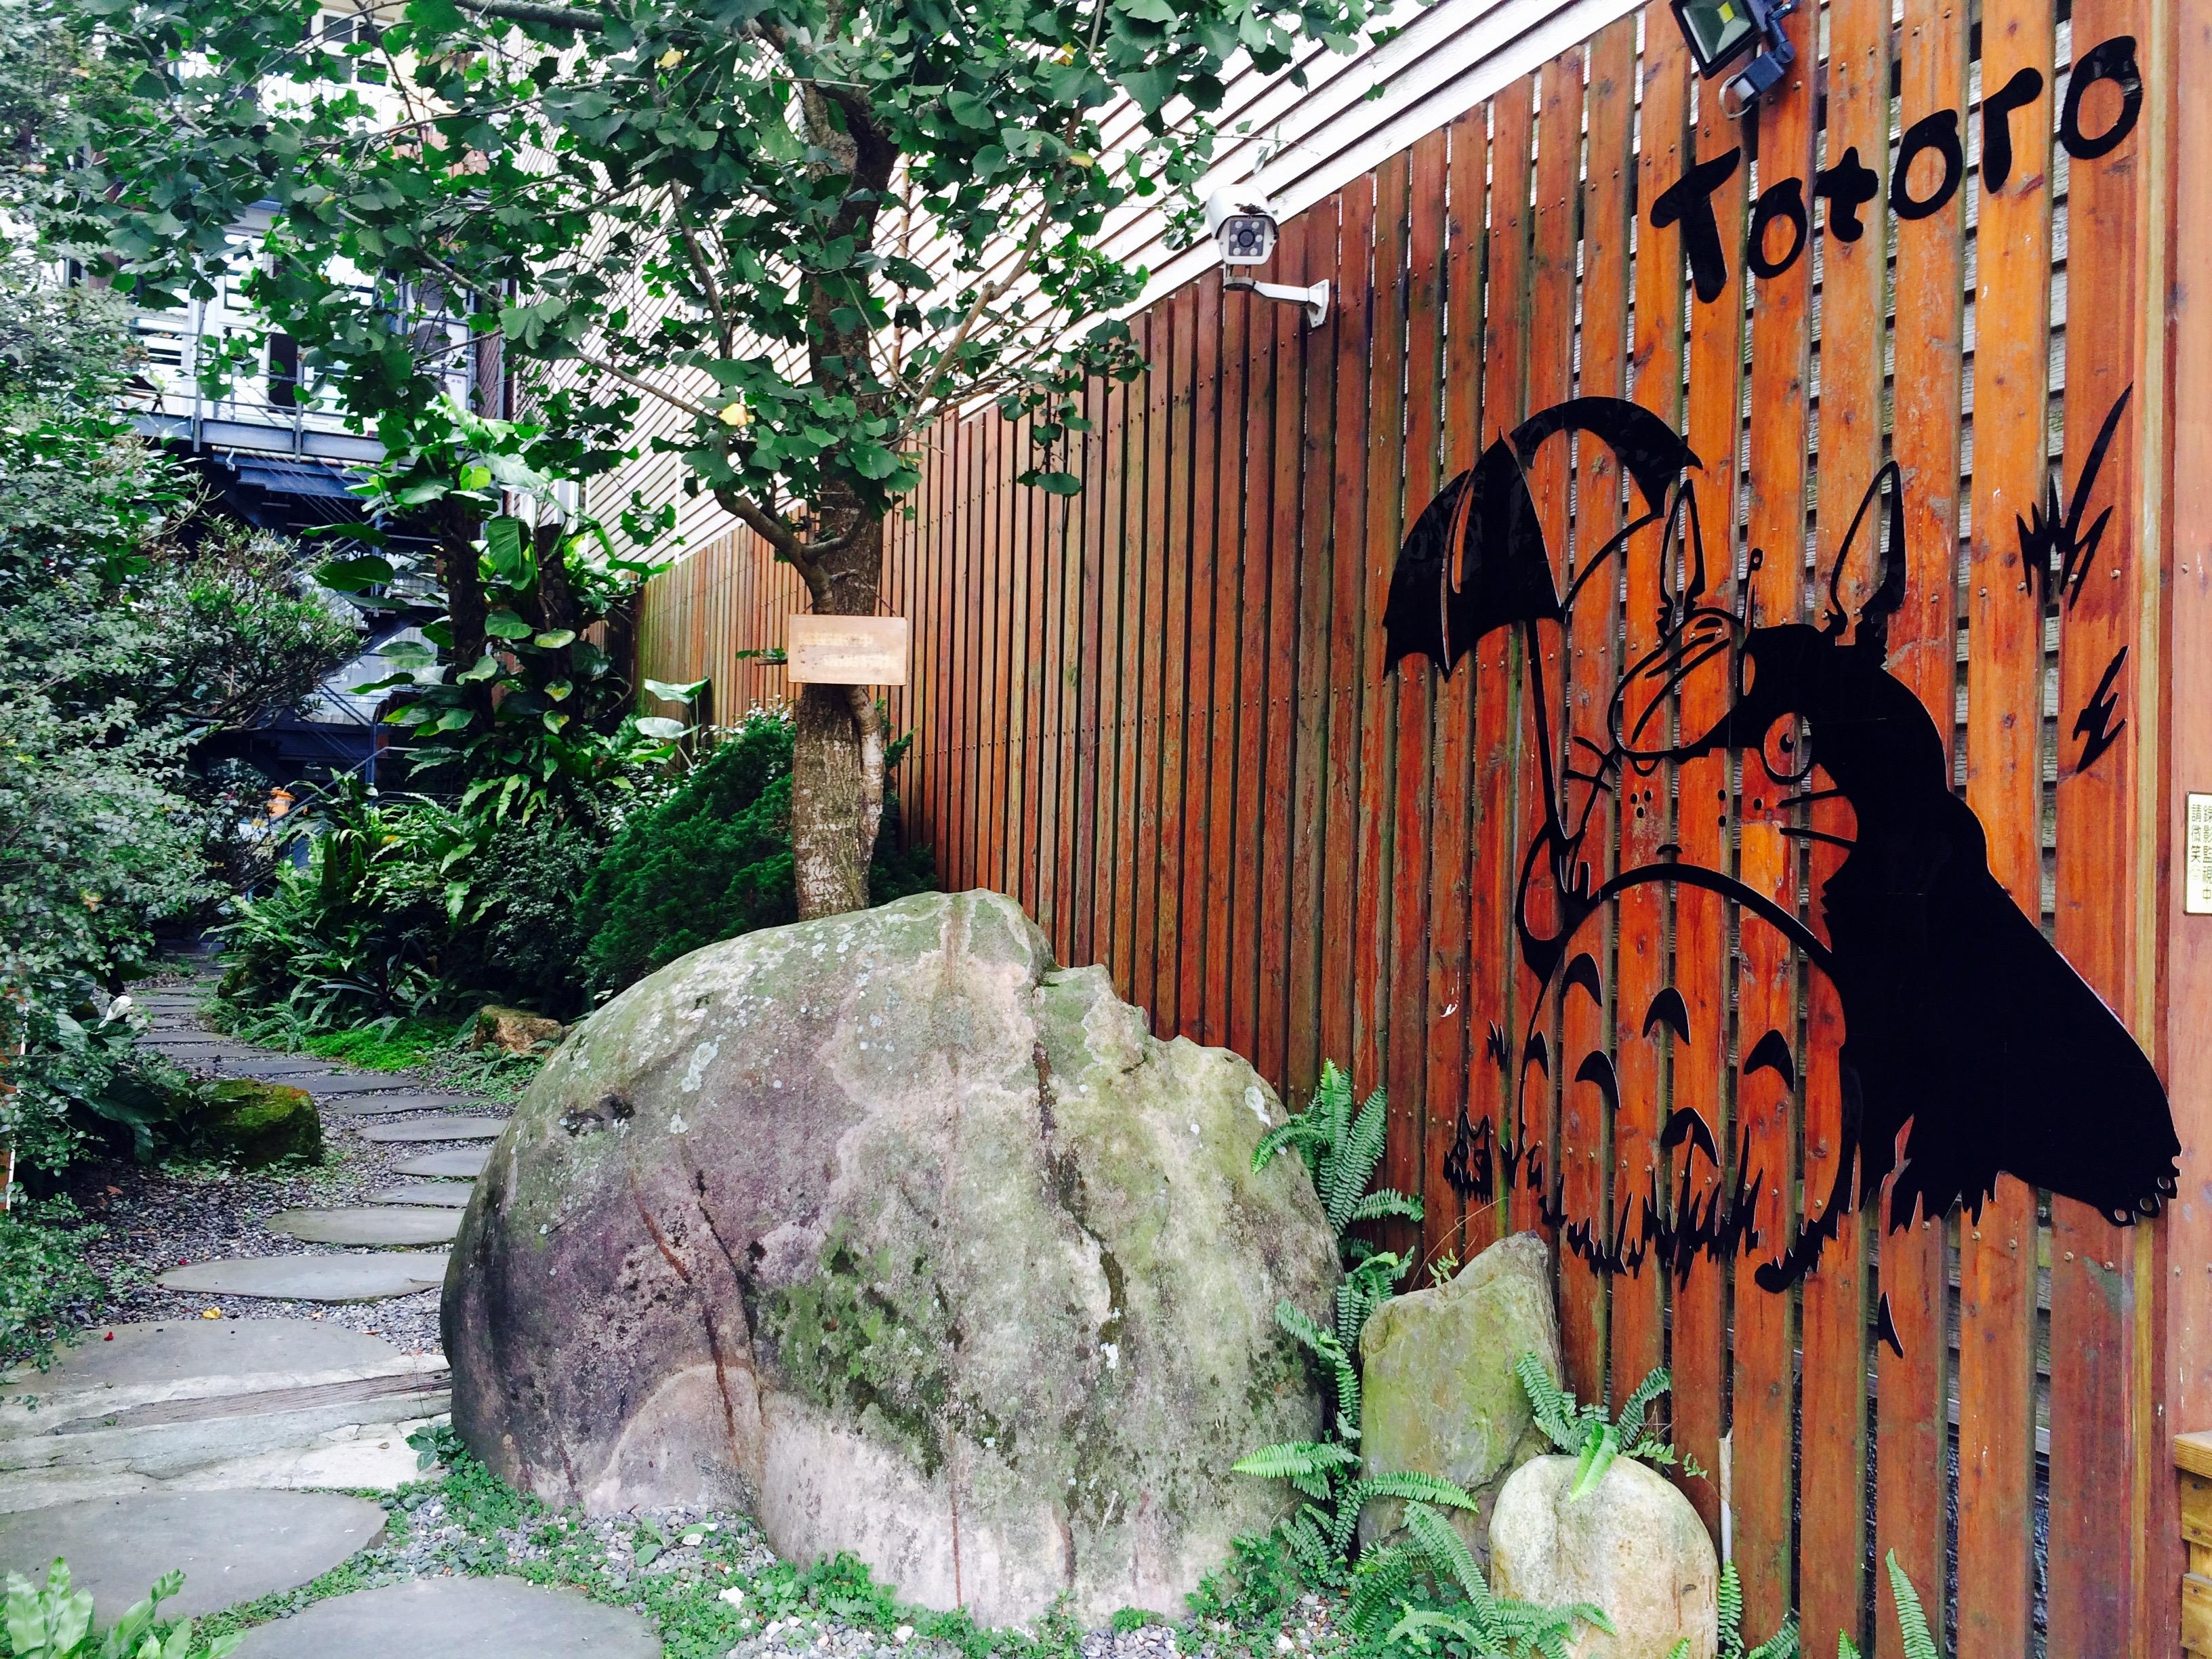 入住「日月潭Timing House苔米屋」 – 月牙灣-當繁花過盡已是秋楓紅,做自己的感覺真好